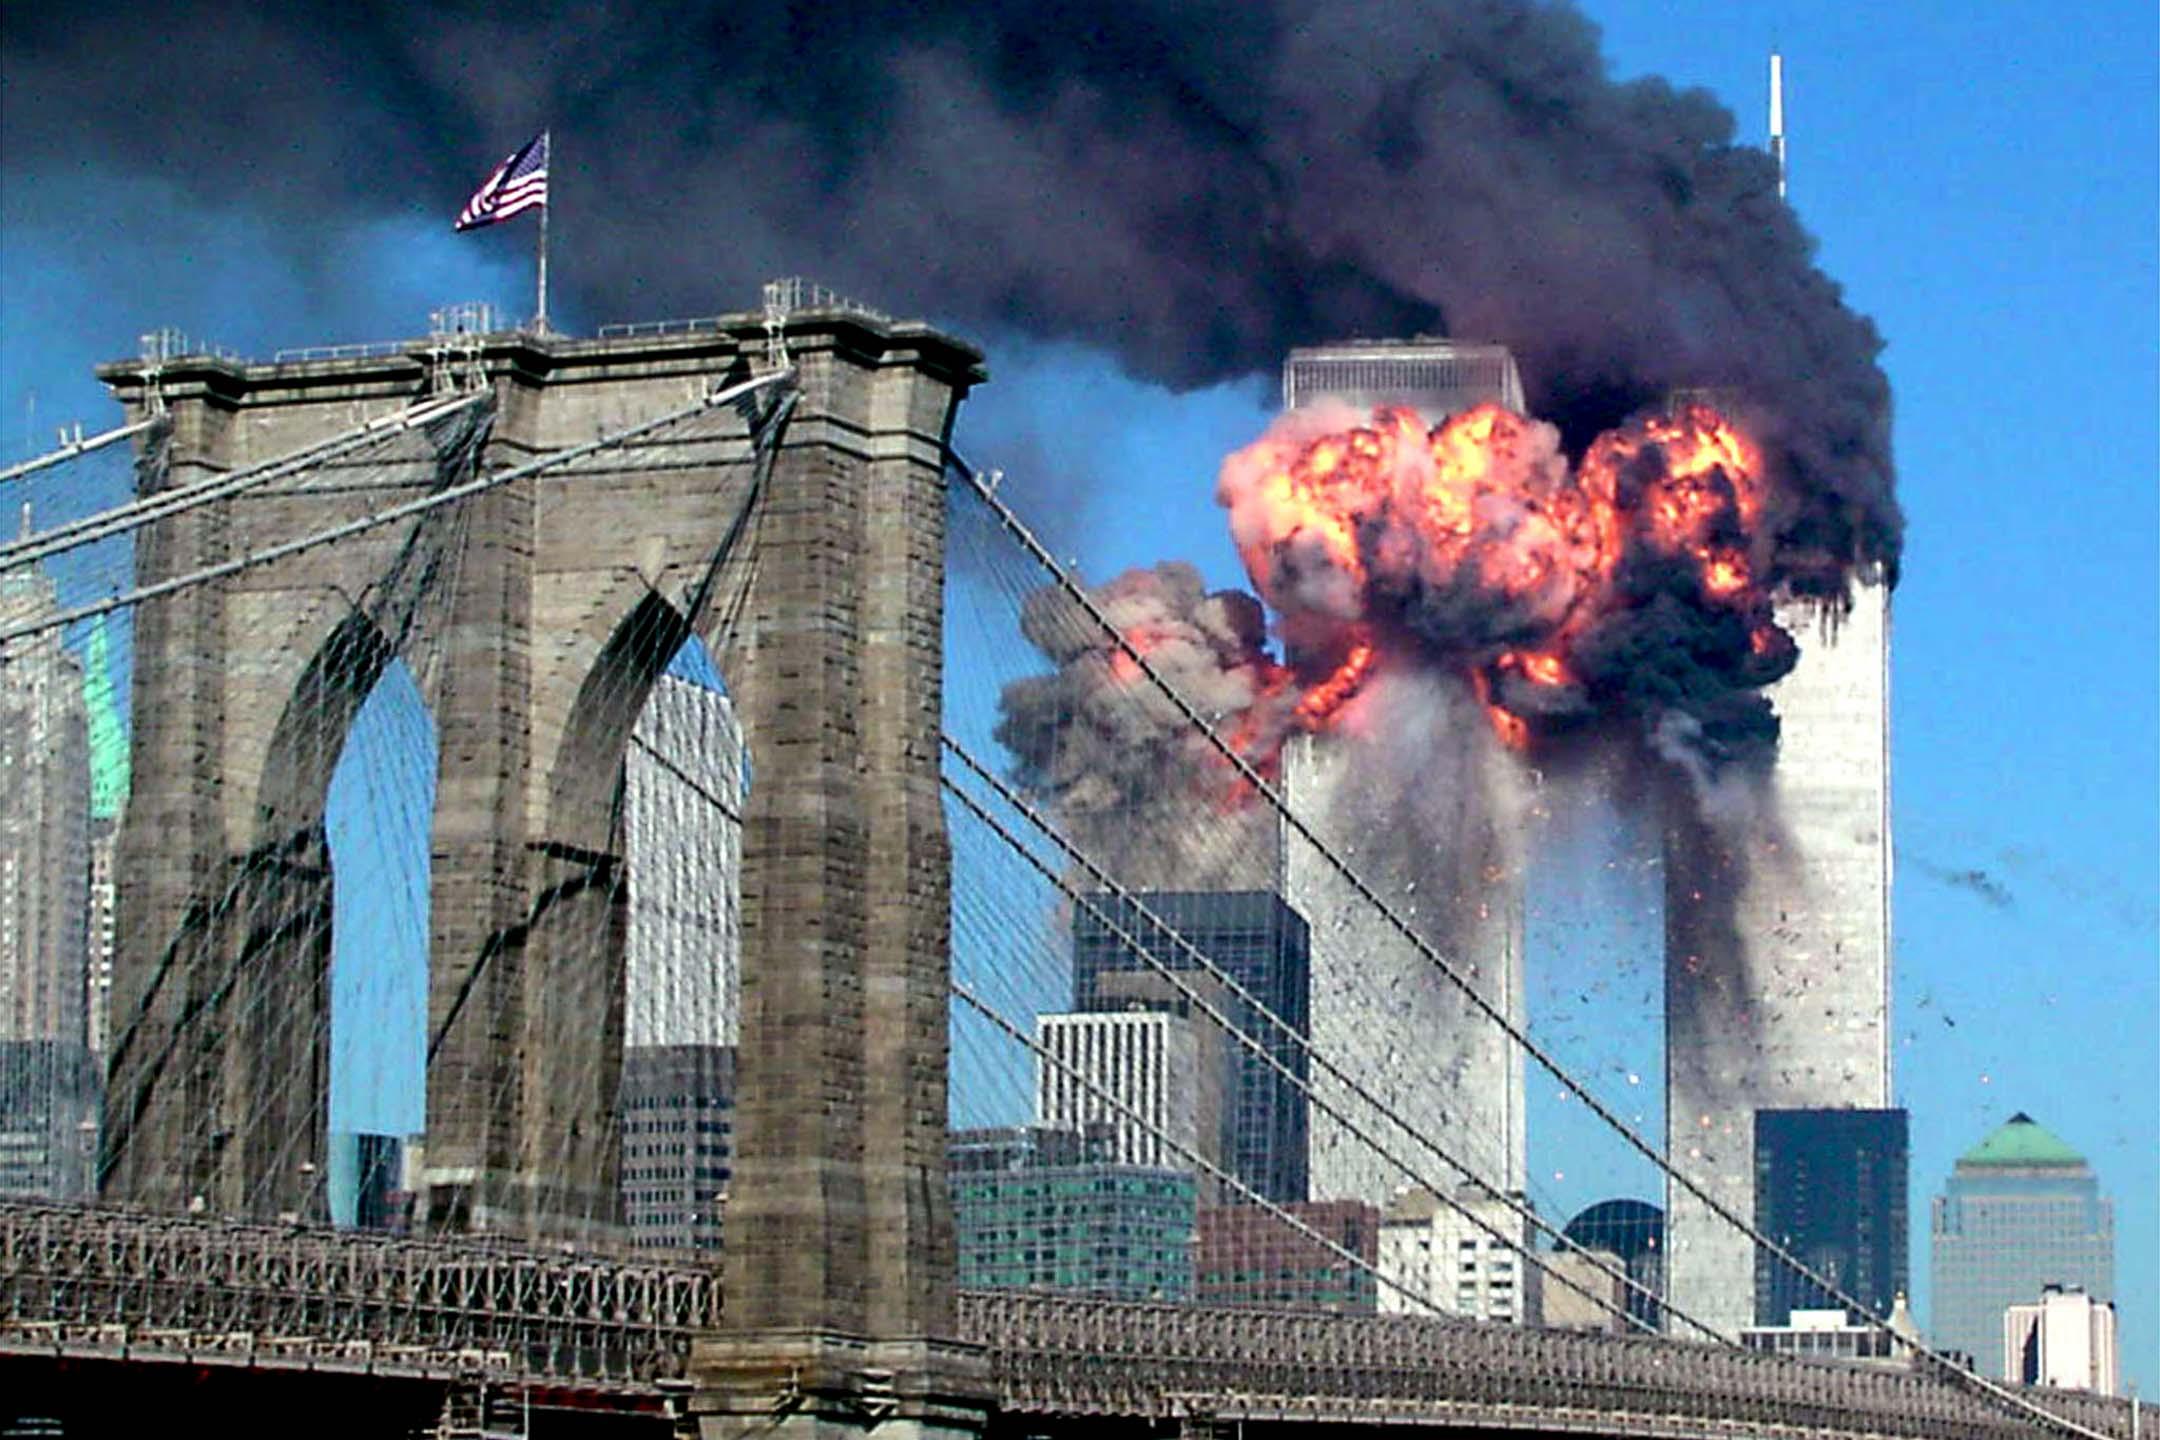 2001年9月11日,兩架民航客機在起飛後被恐怖分子劫持,前後間隔不久,接連撞入位於美國紐約的世界貿易中心南北兩座摩天塔樓。 攝:Sara K. Schwittek/Reuters/達志影像